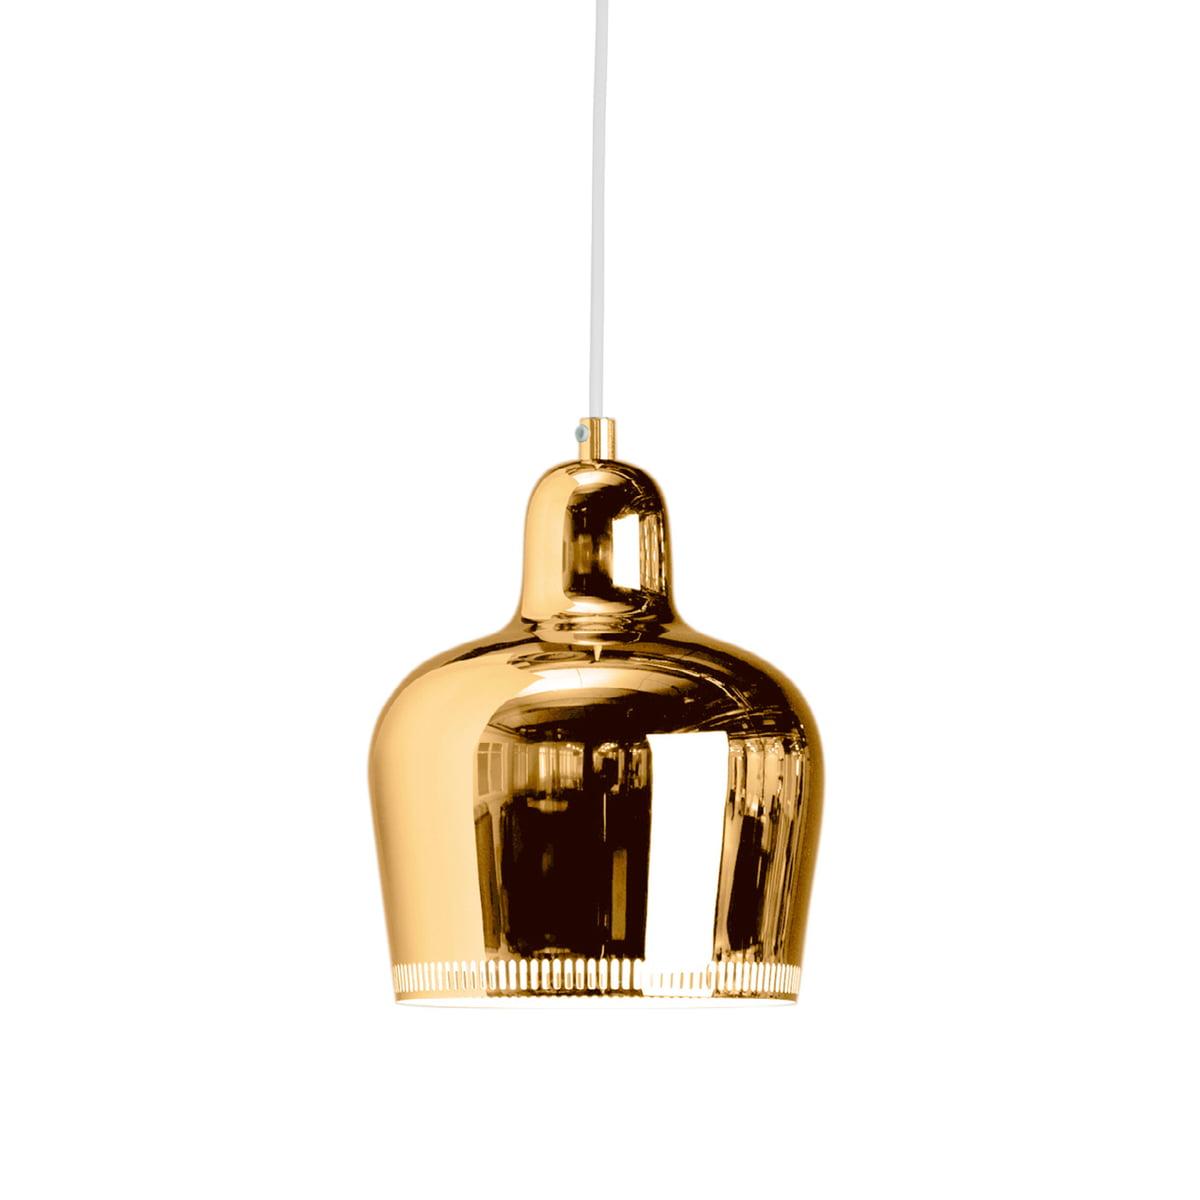 the artek as golden bell pendant lamp - artek  a s golden bell pendant brass